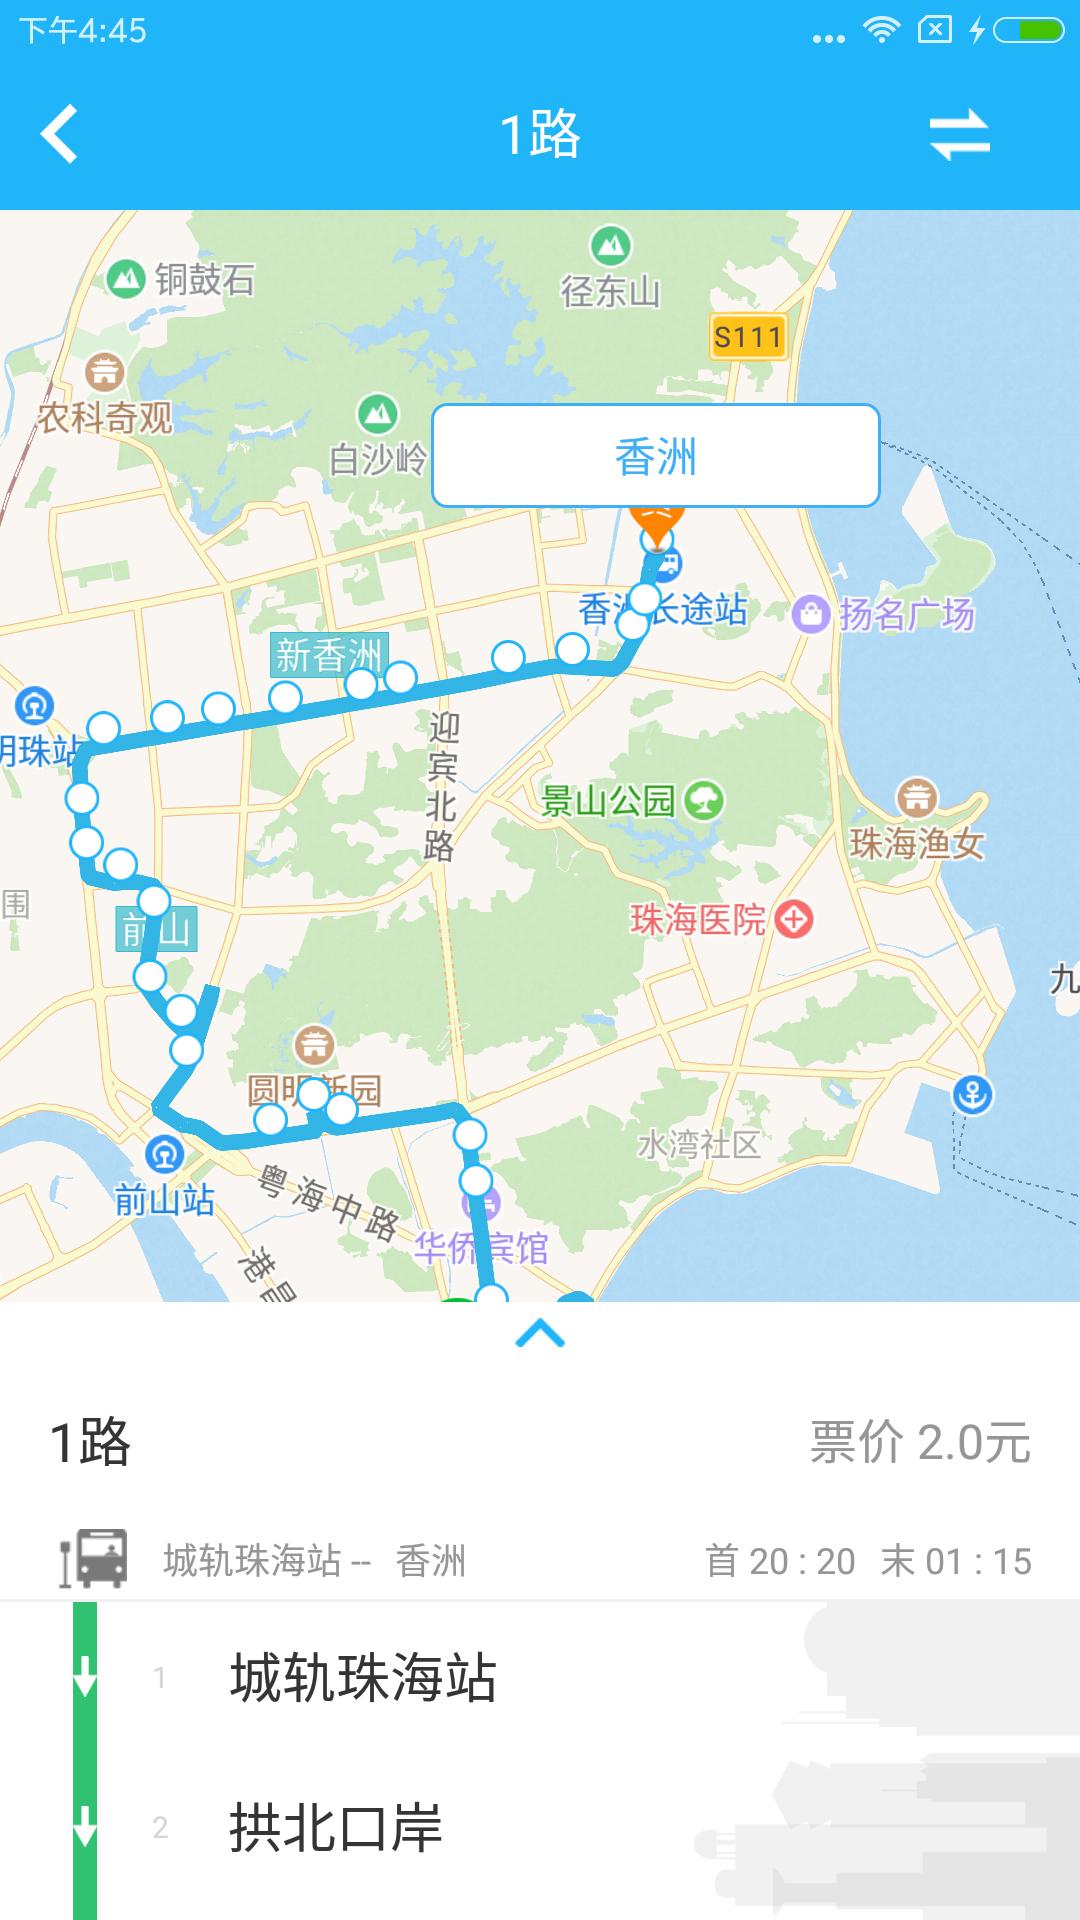 珠海交通手机版APPv4.41最新版截图2